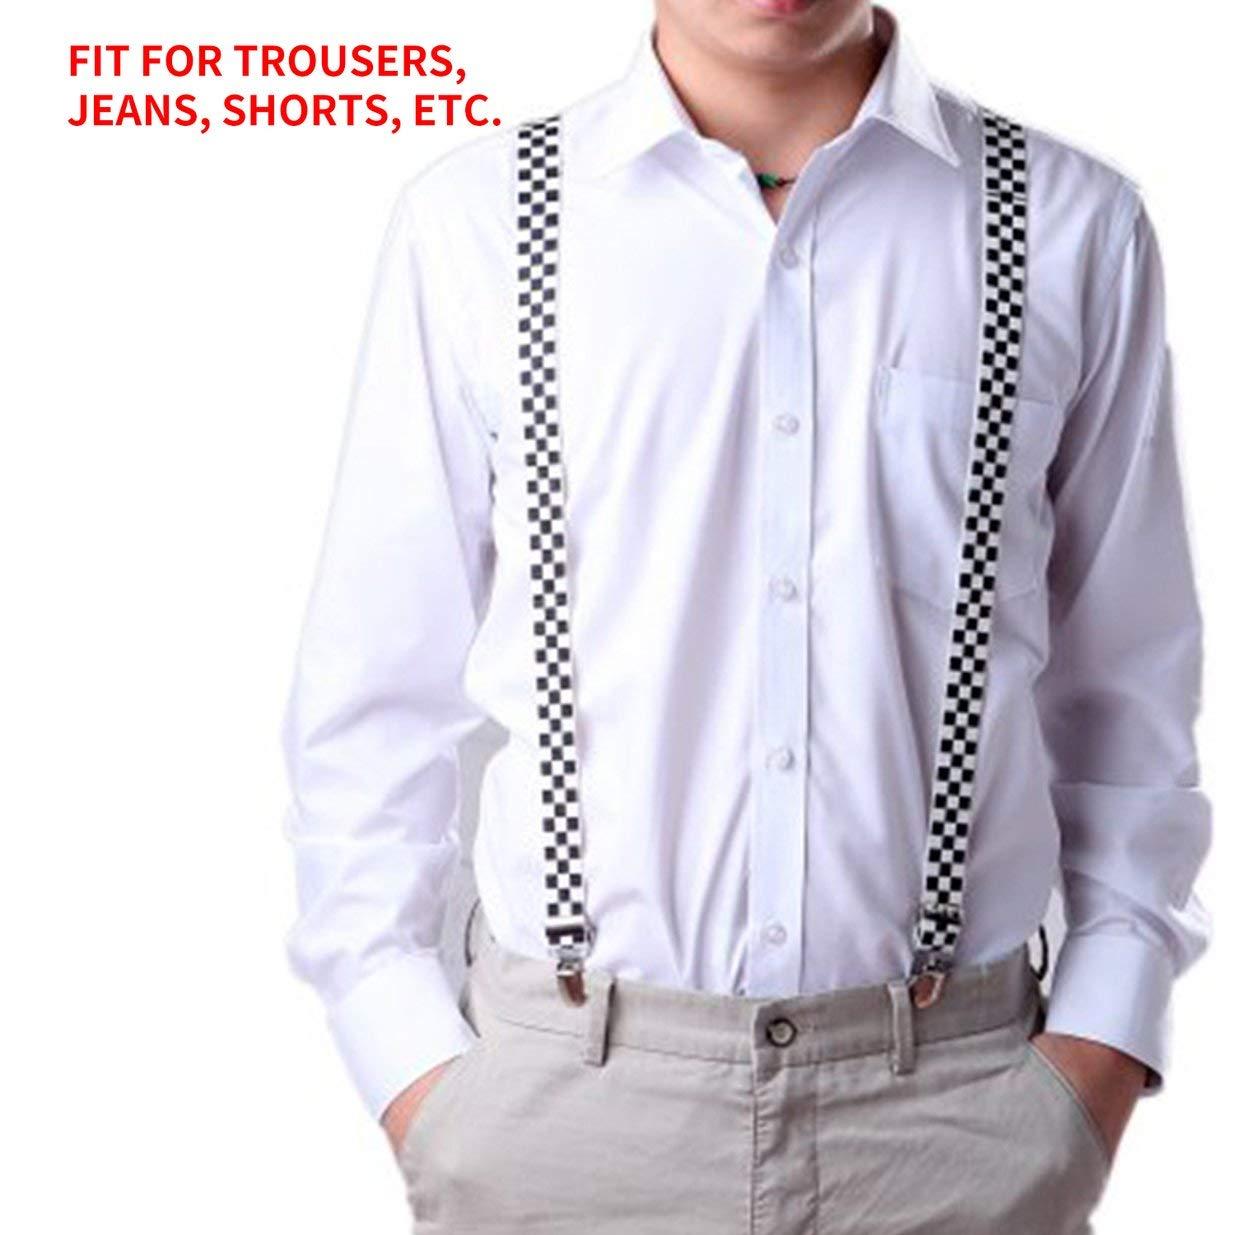 Sairis Unisex Mujer Hombre Forma Y Tirantes con Clip el/ásticos Correa Pantalones Tirantes Tirantes Ajustables Adulto 3 Clip Tirante Correa para el cintur/ón